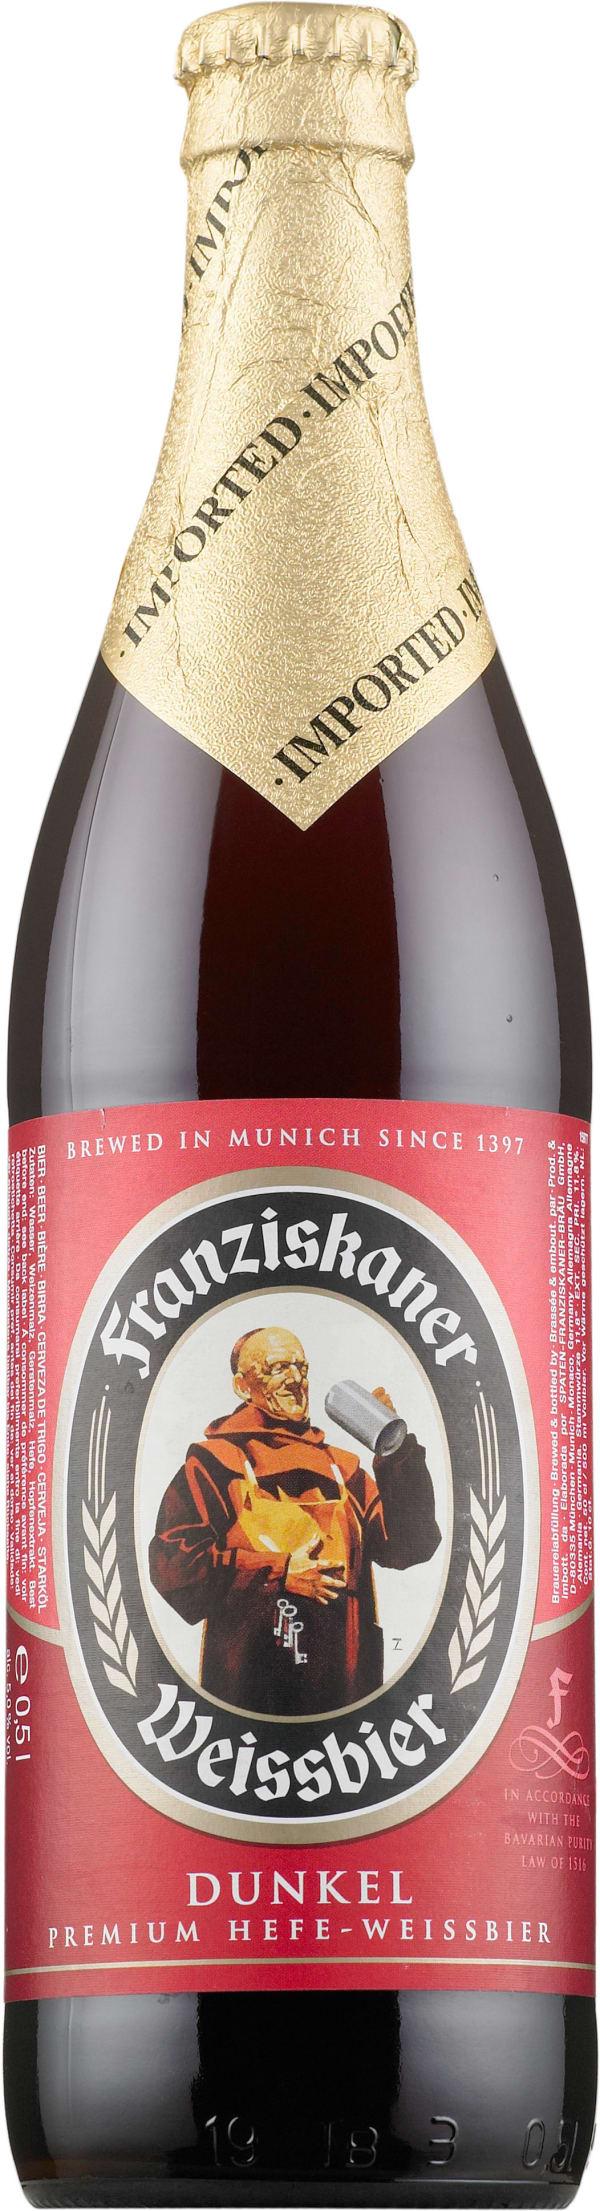 Franziskaner Weissbier Dunkel